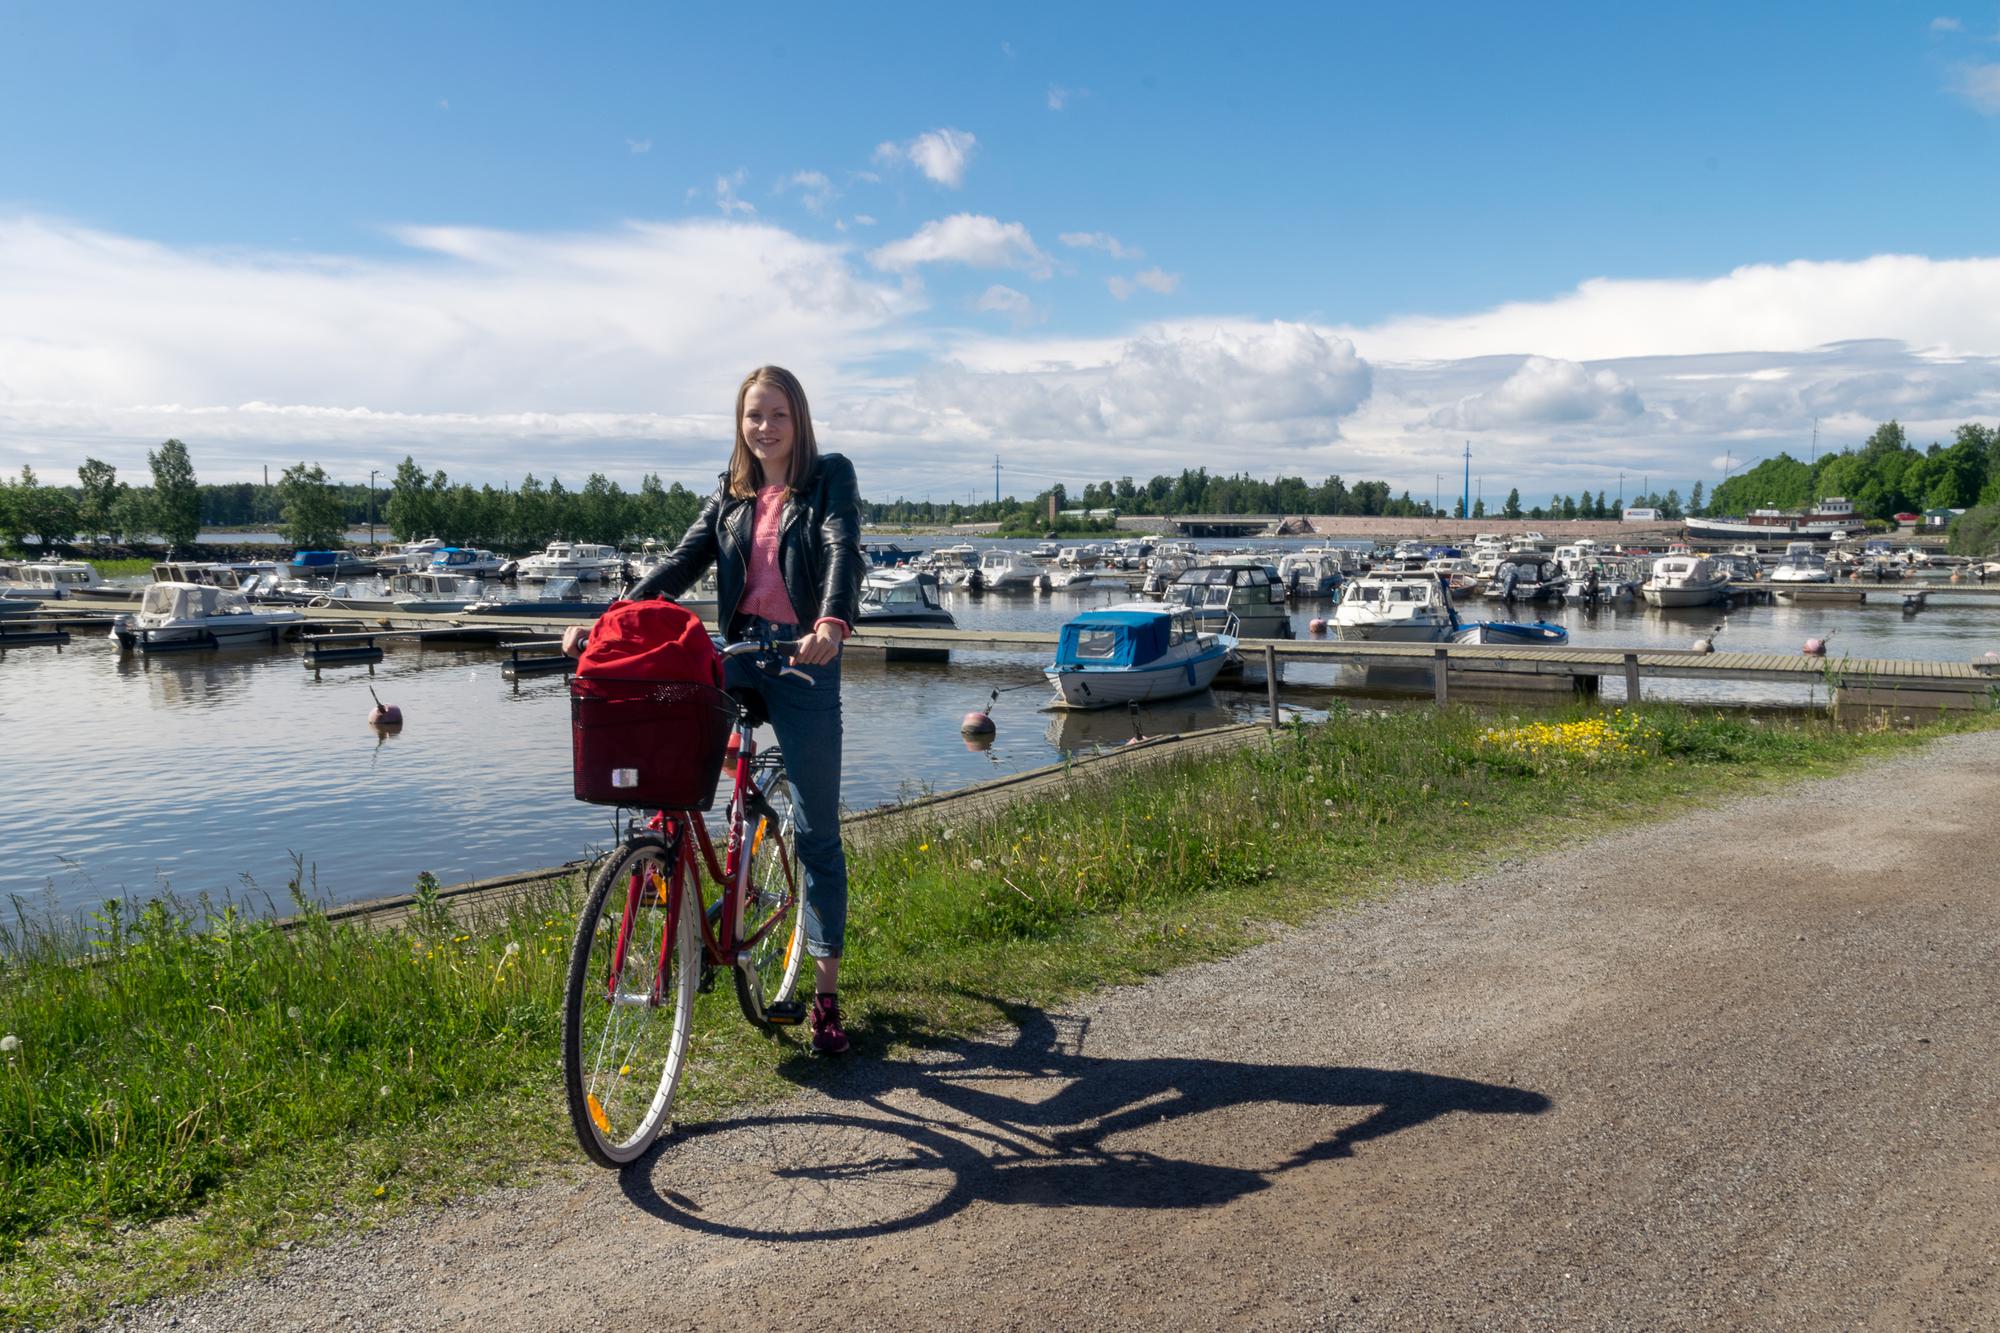 Tekemistä Vaasassa: tutustu kaupunkiin pyöräillen